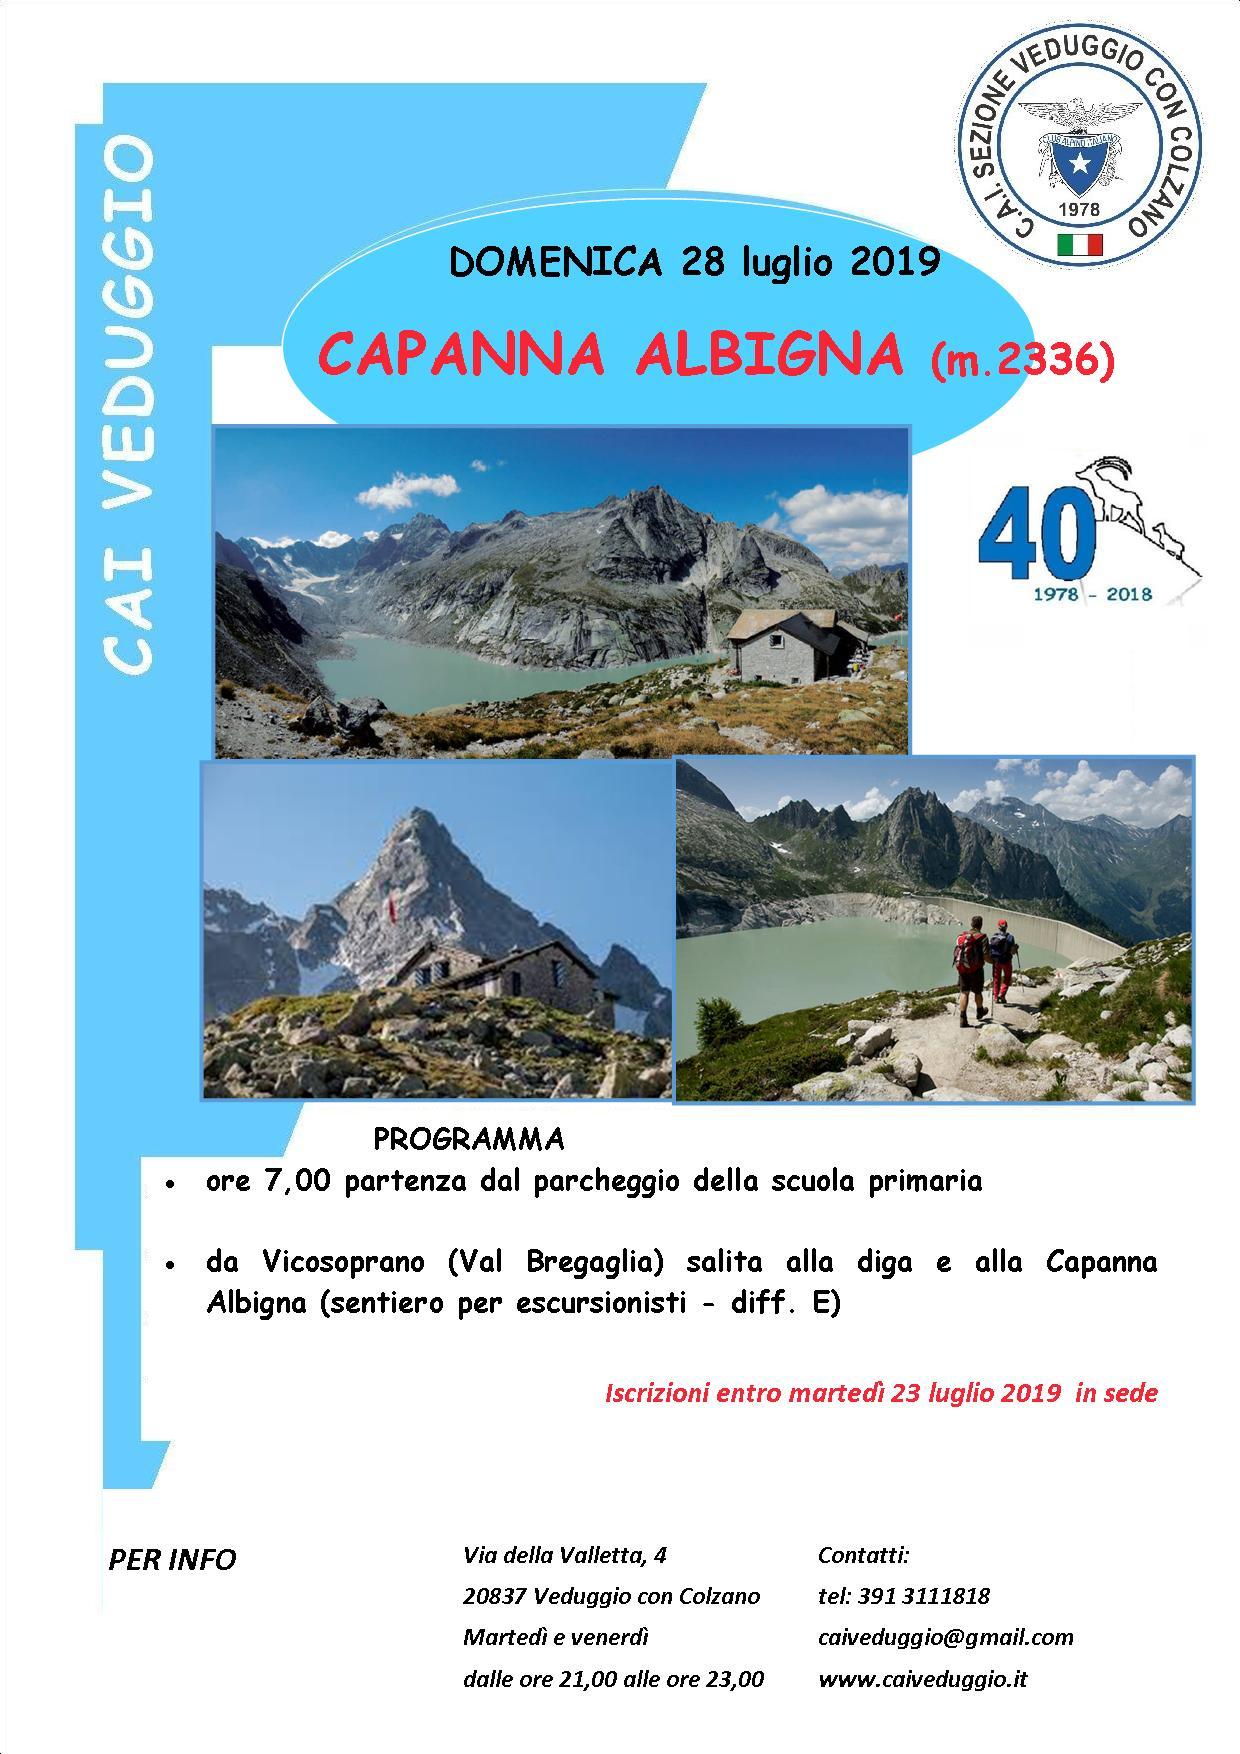 Domenica 28 luglio 2019 – Capanna Albigna (Val Bregaglia) – m.2336